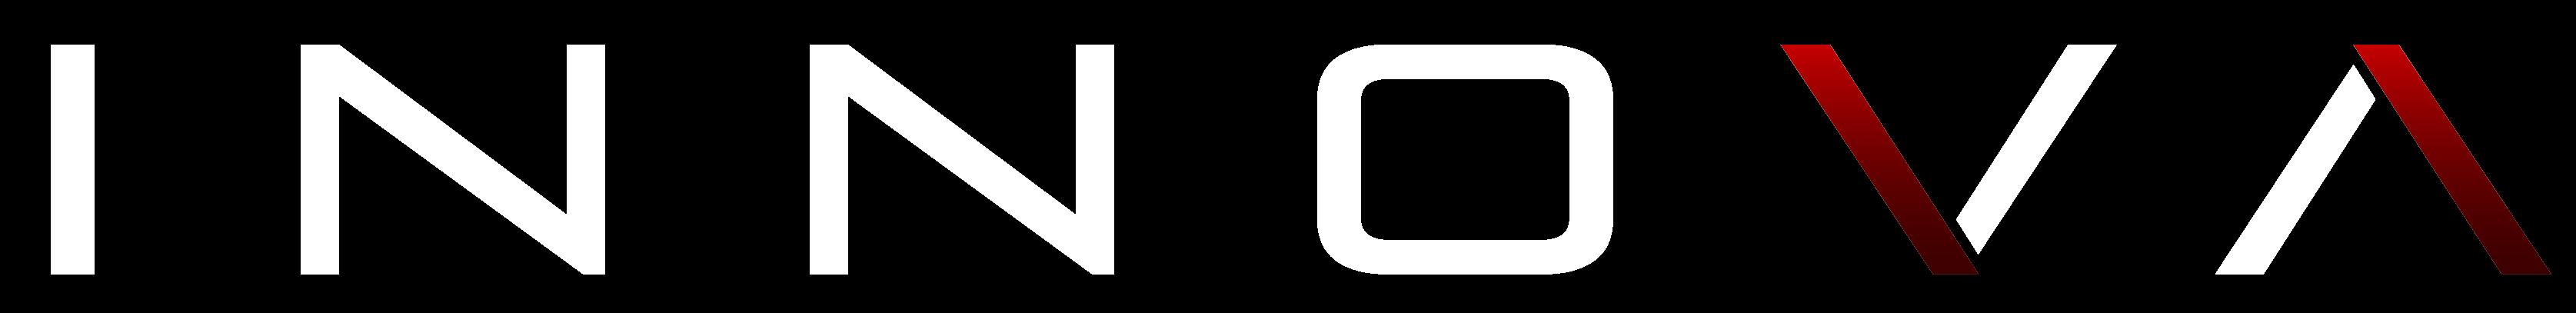 Innova logo